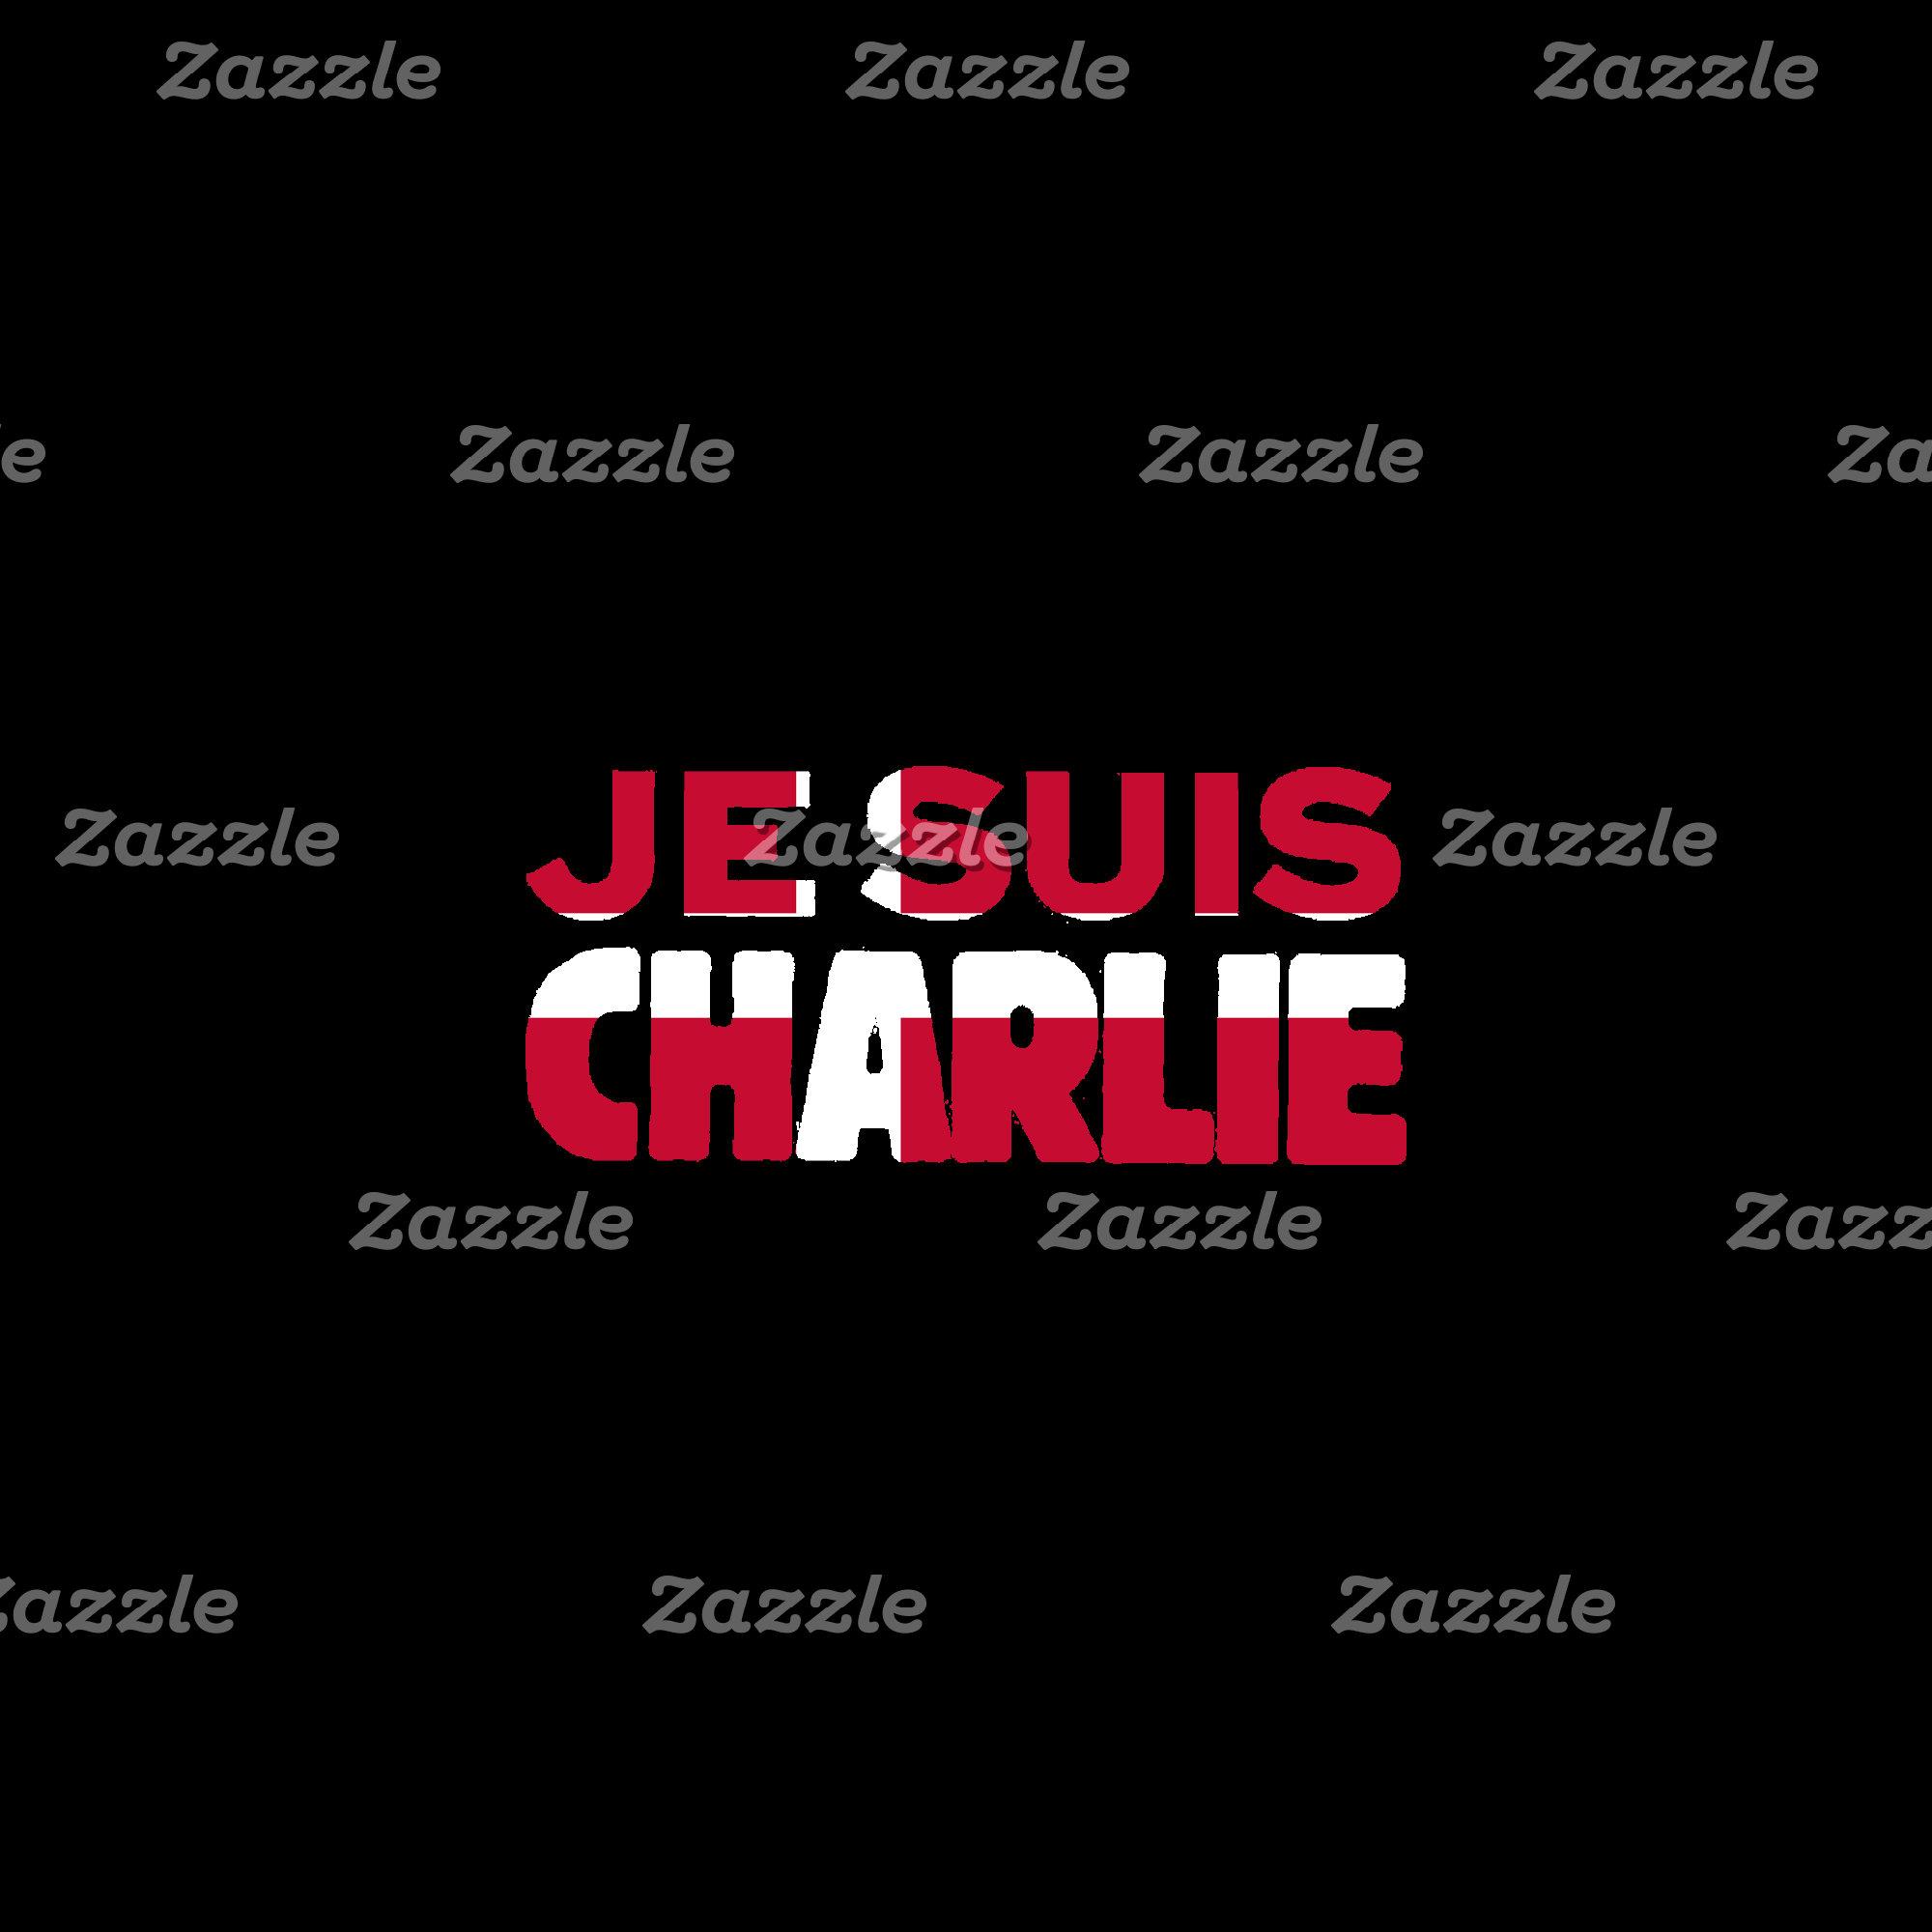 Je Suis Charlie - Denmark